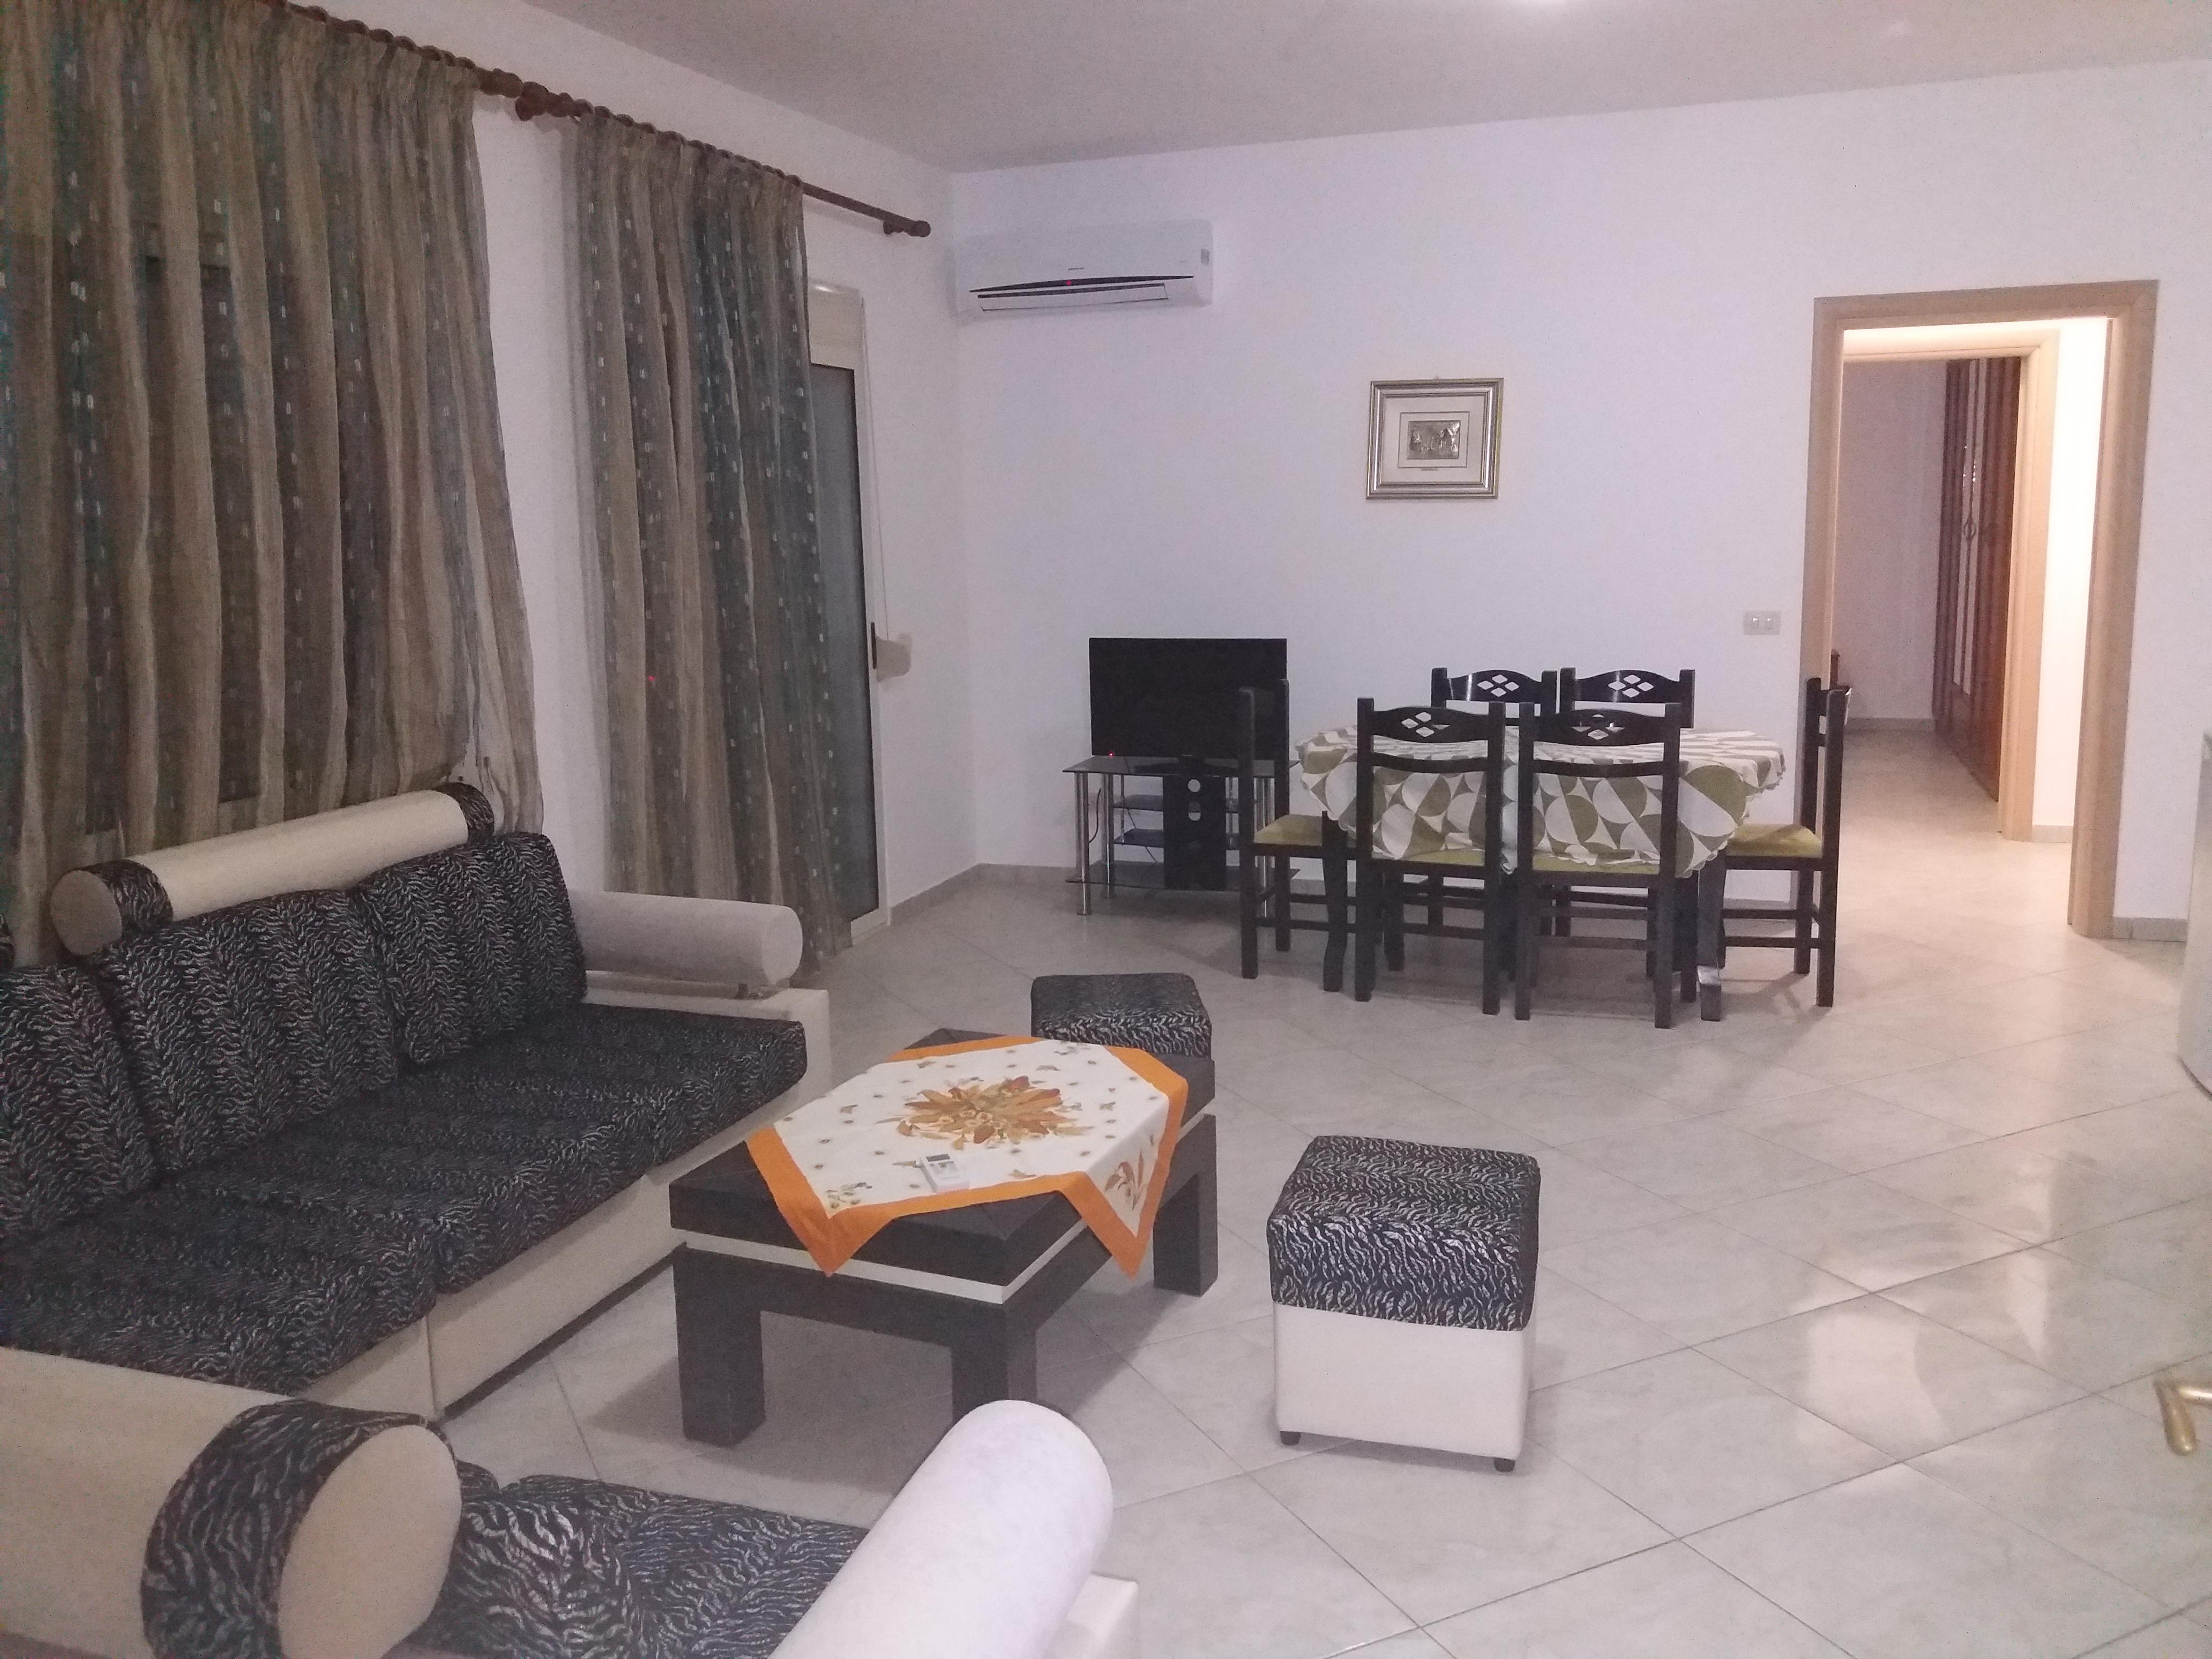 Apartament me qera vjetore Durres Plazh